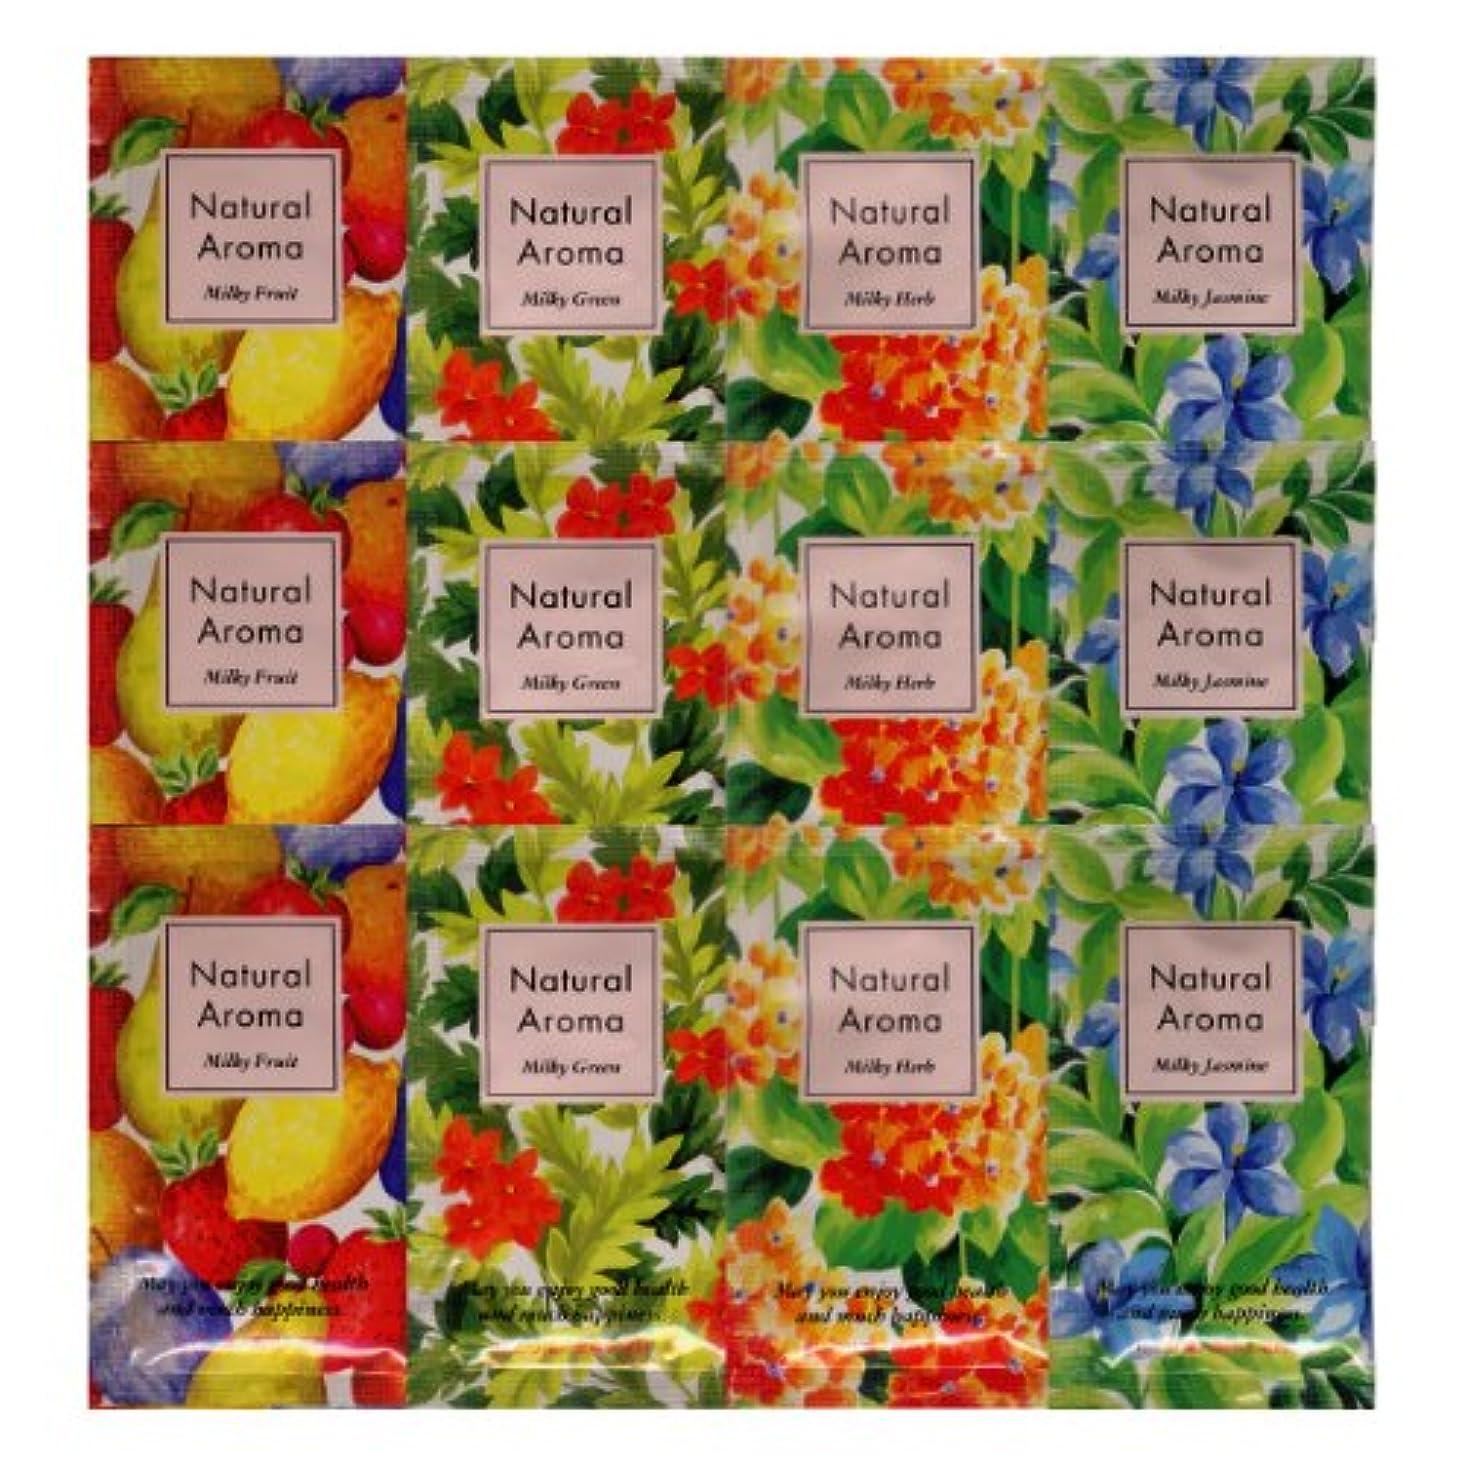 ずるいブリーフケースオンスナチュラルアロマ 入浴剤 ミルキーハーブ 4種類×3 12包セット